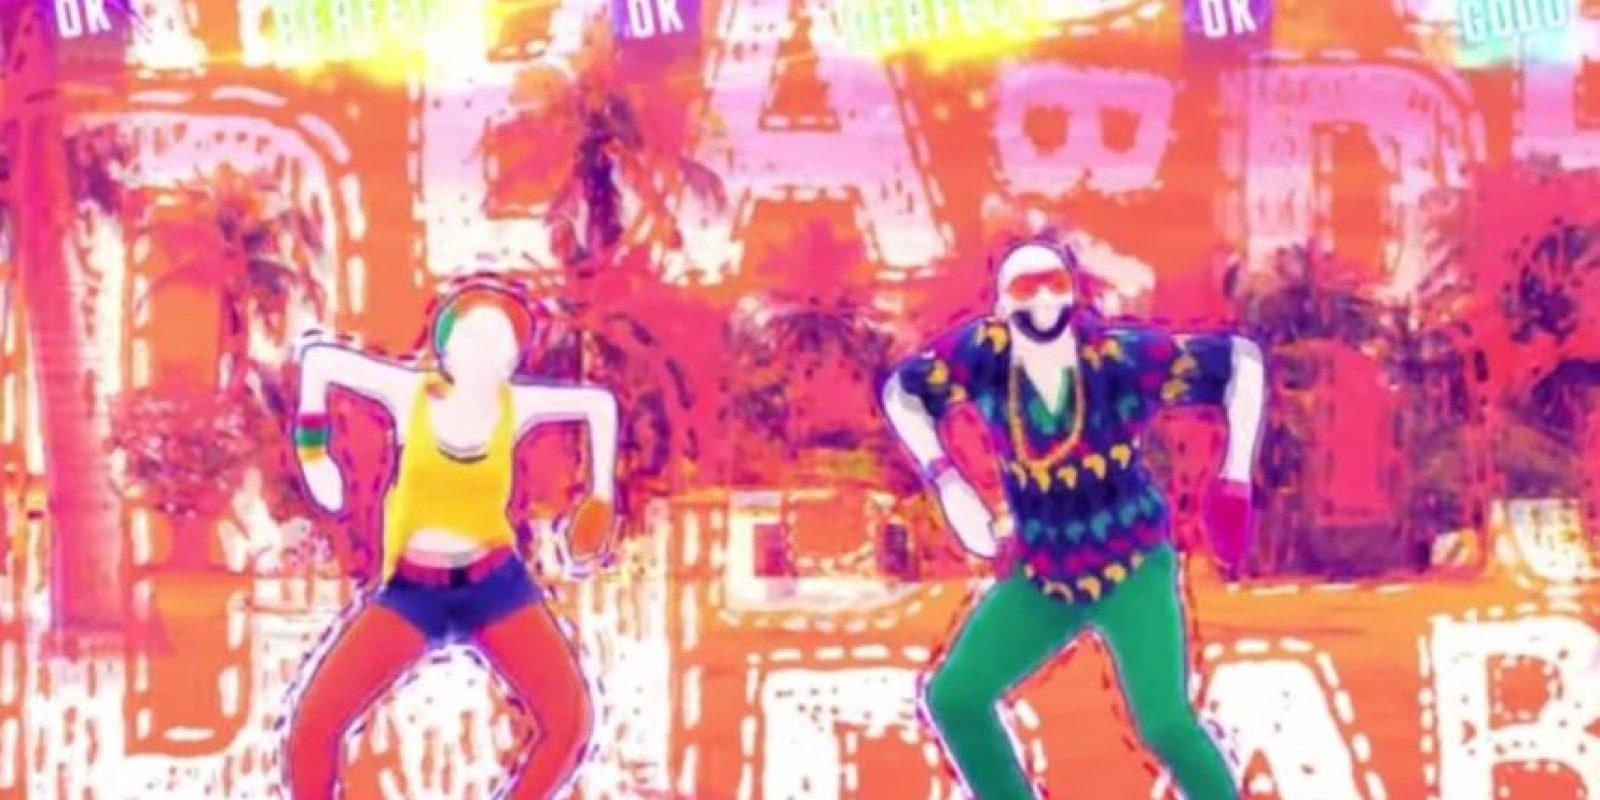 """""""Hangover (BaBABa)"""" – Buraka Som Sistema. Foto:Ubisoft"""